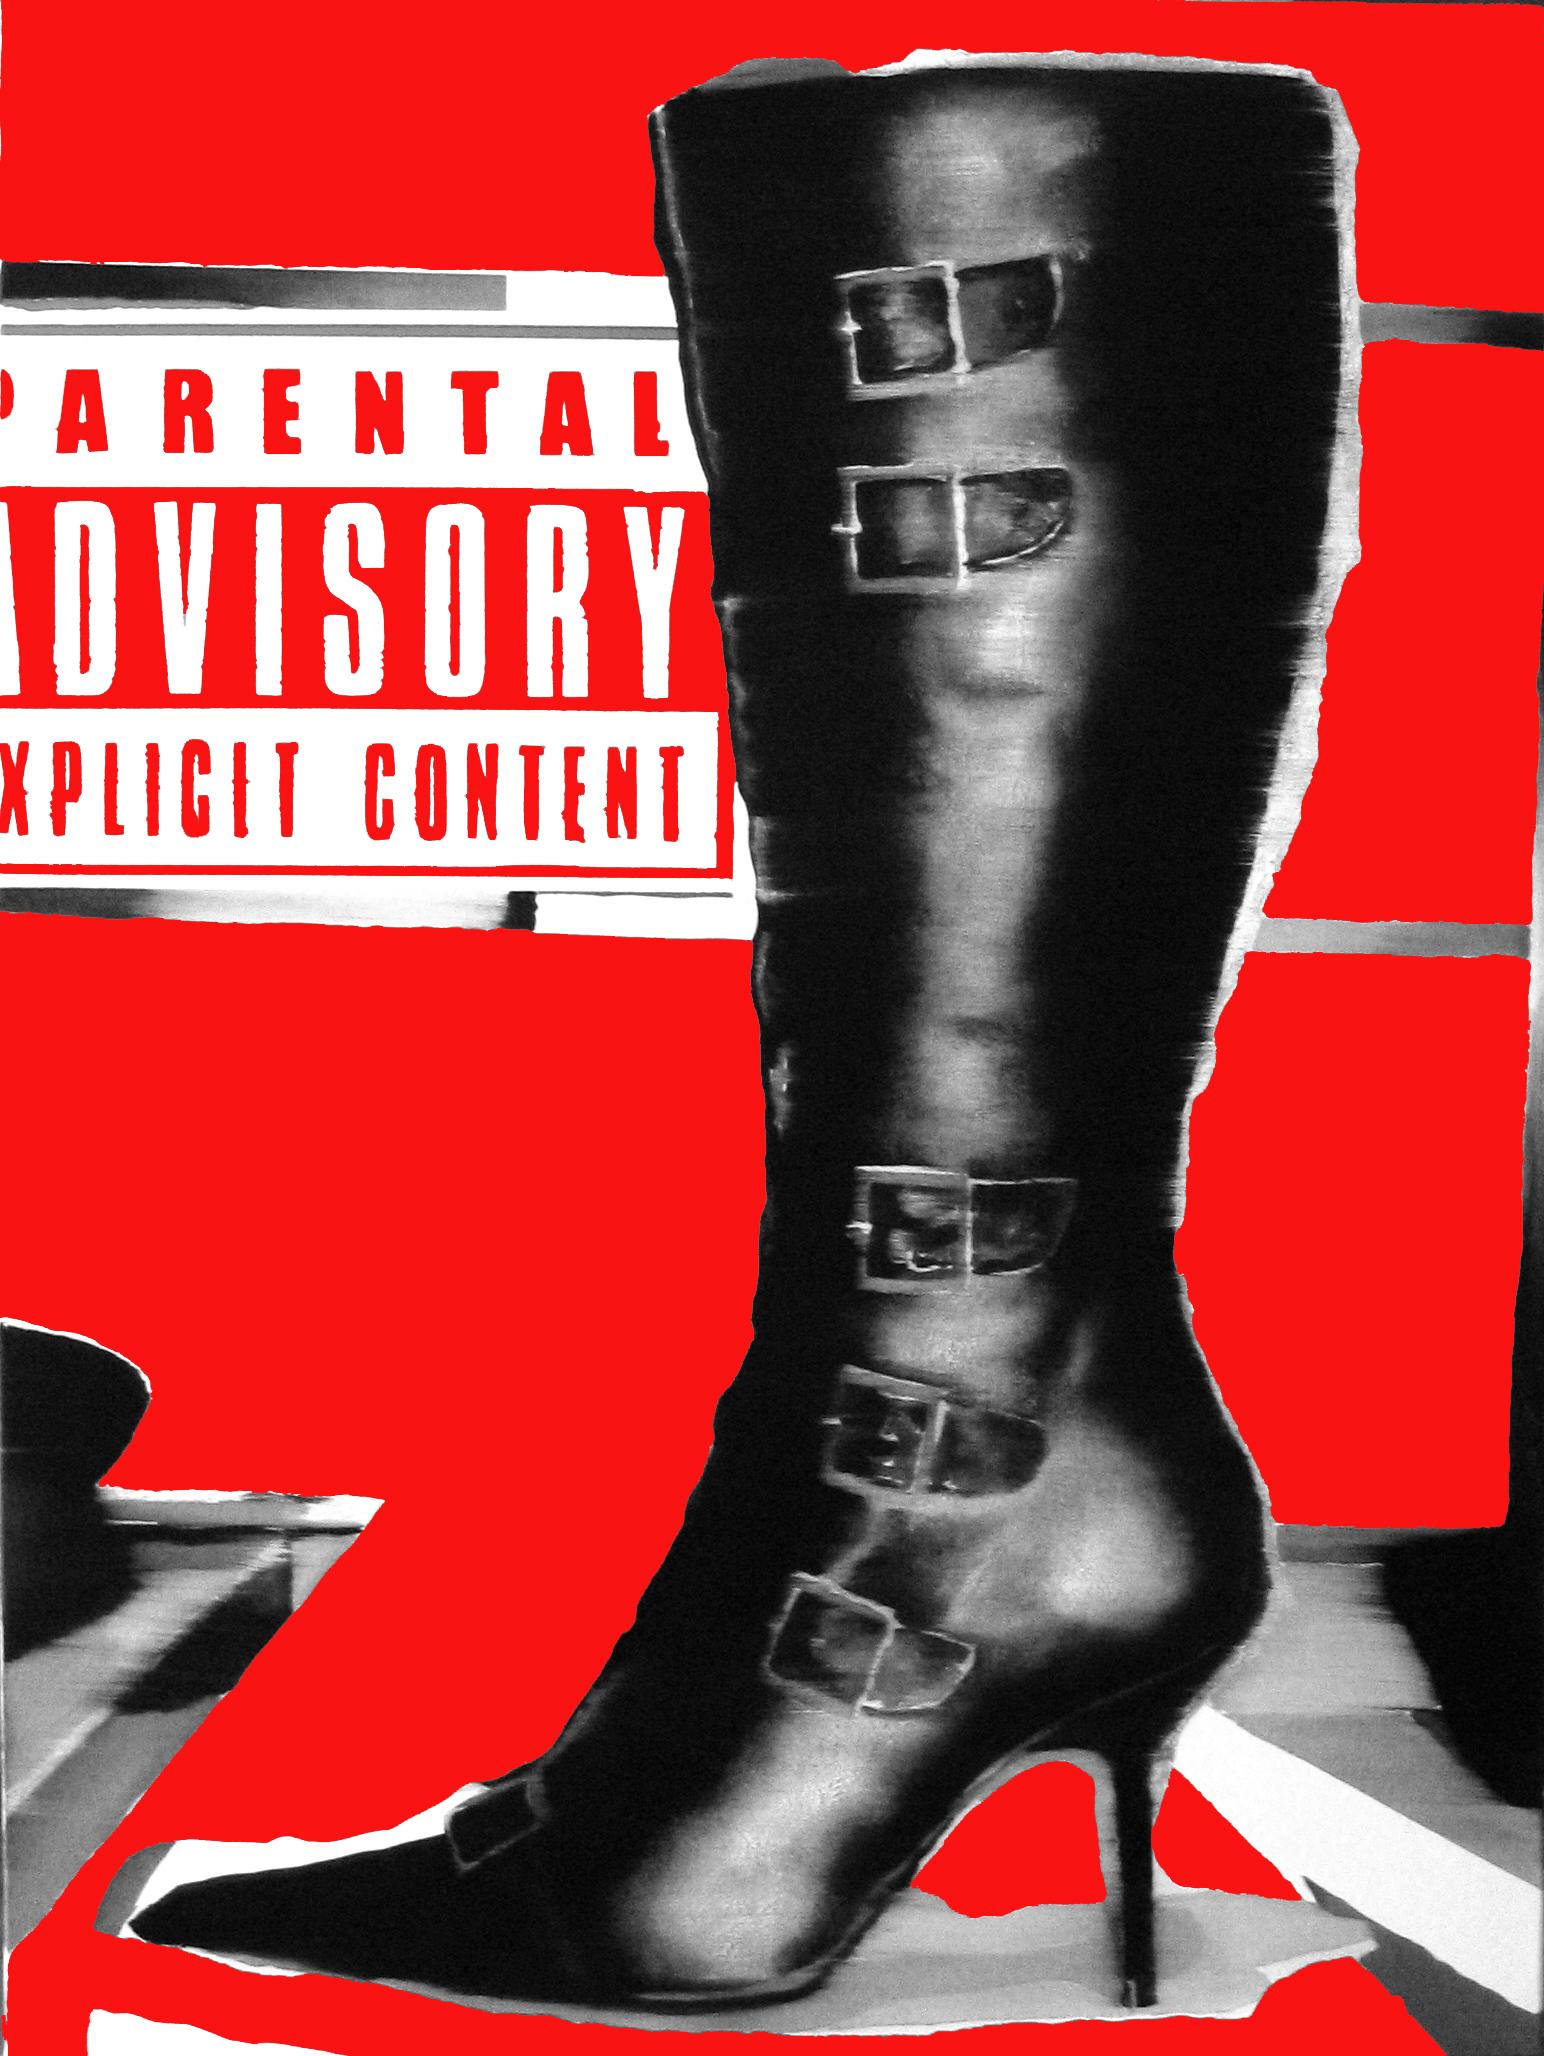 Patrice Palacio - Serie 102 - Parental Advisory